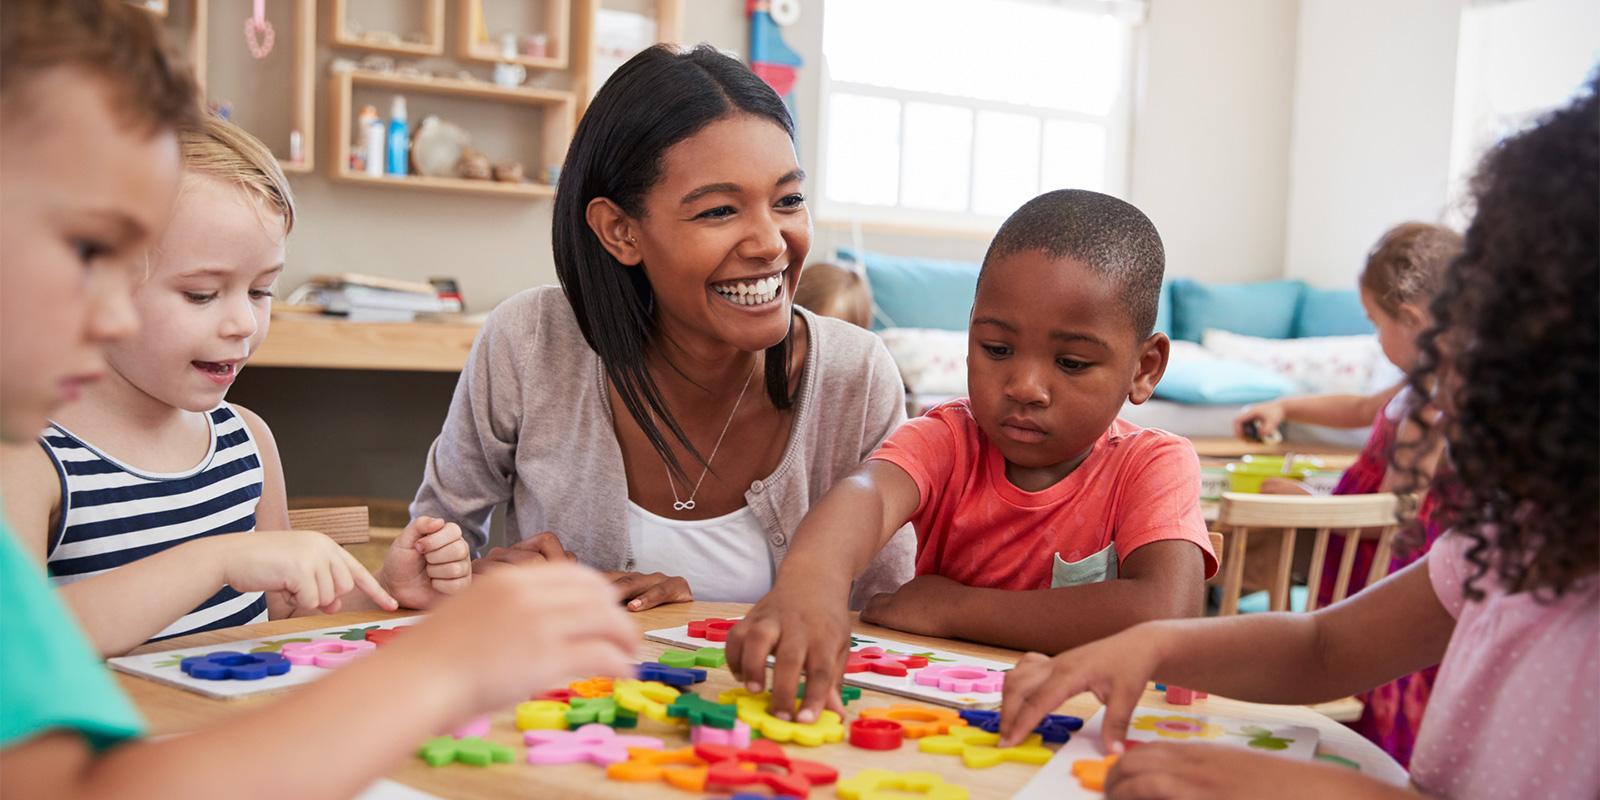 teacher-with-kids-in-preschool